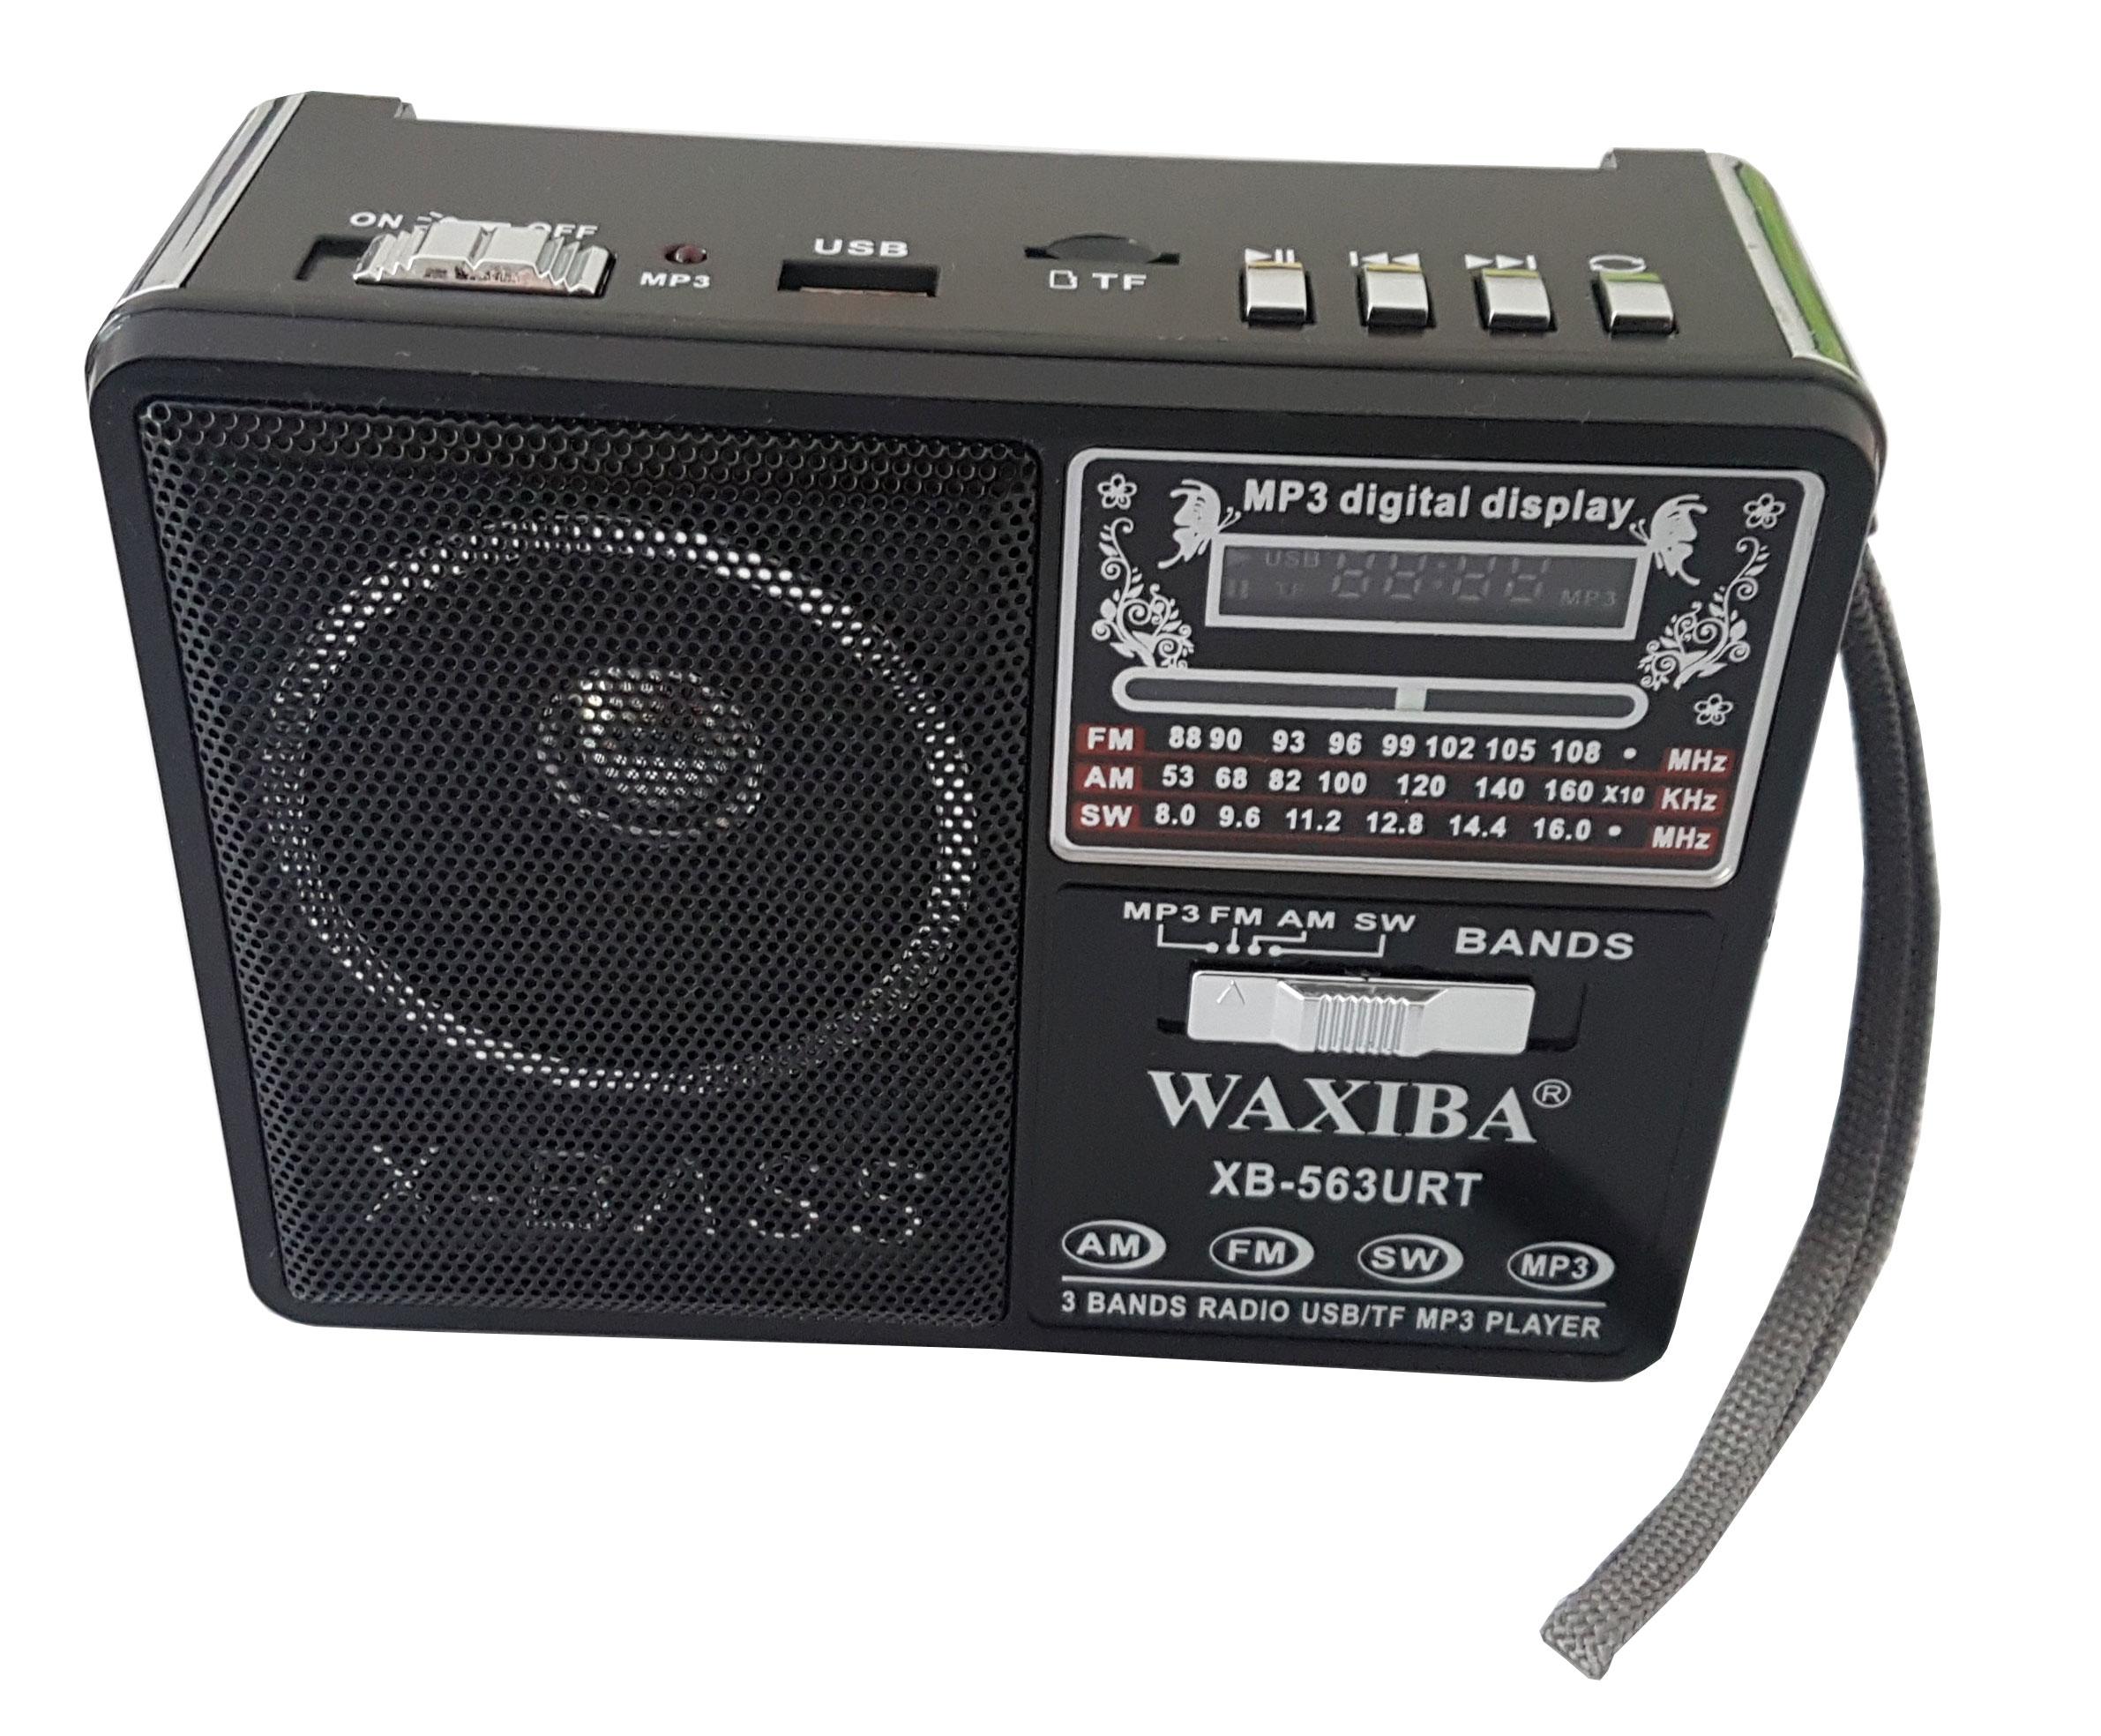 Přenosné rádio s přehrávačem MP3, FM, AM, USB XB-563URT